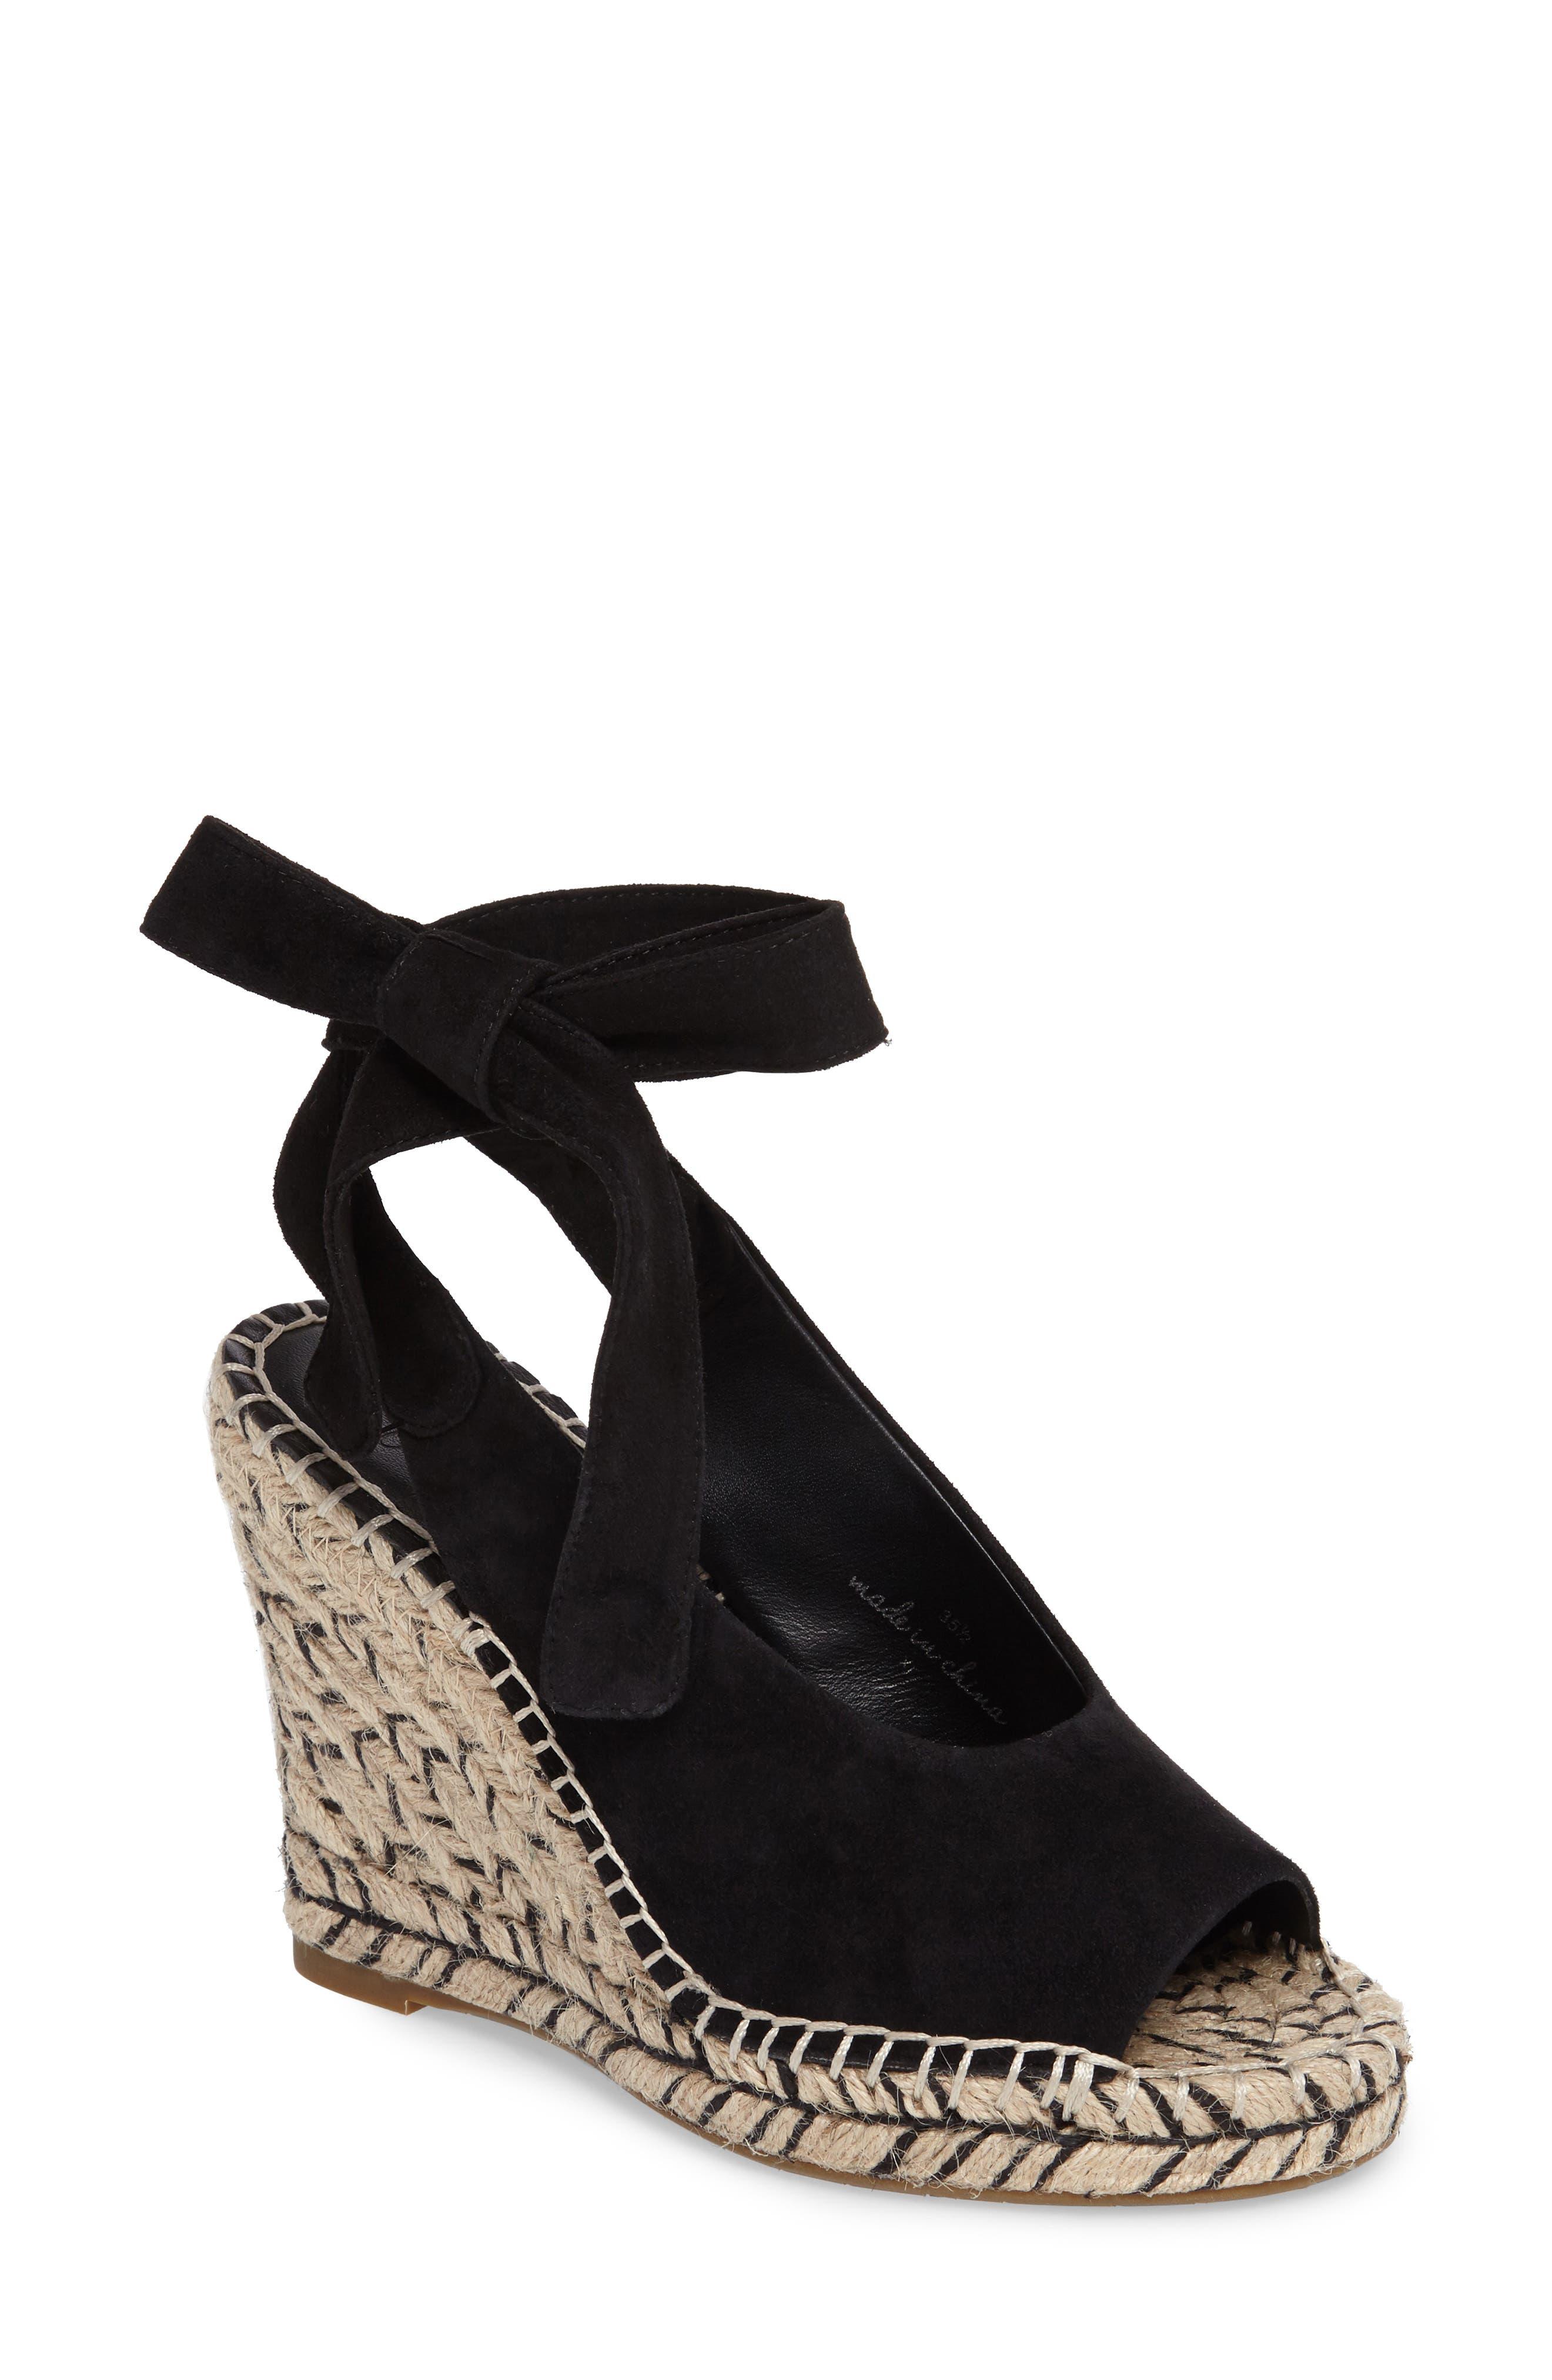 Kael Wedge Sandal,                         Main,                         color, 001